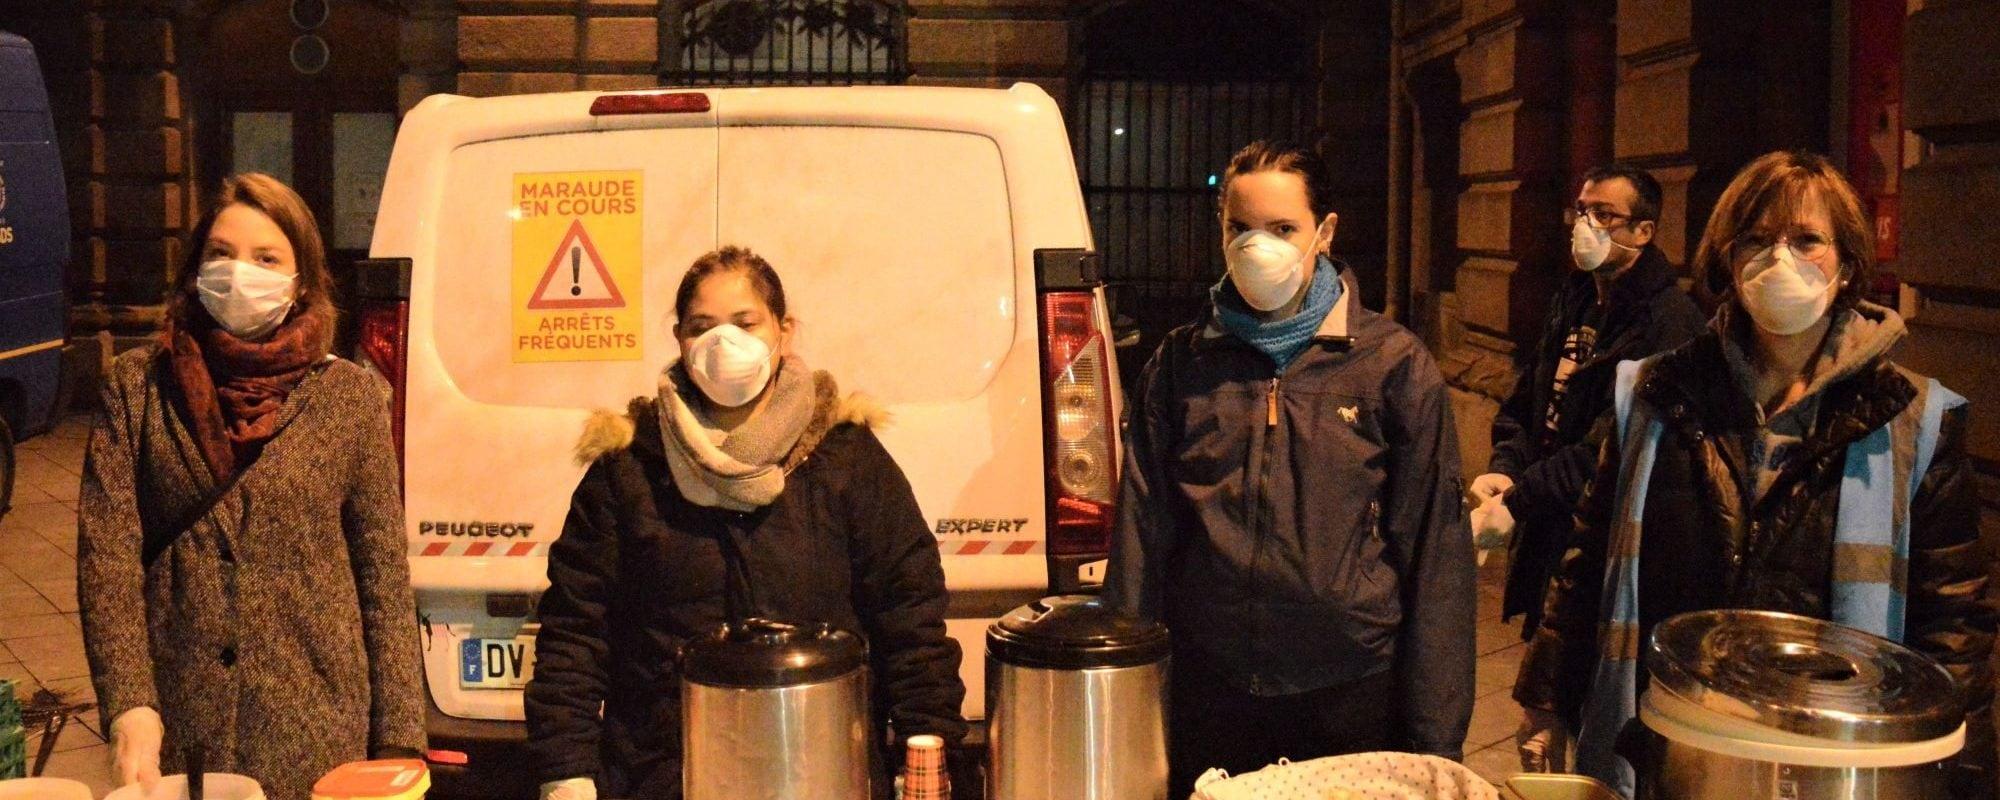 «On n'oubliera pas les sans-abris», les associations strasbourgeoises mobilisées pendant la pandémie